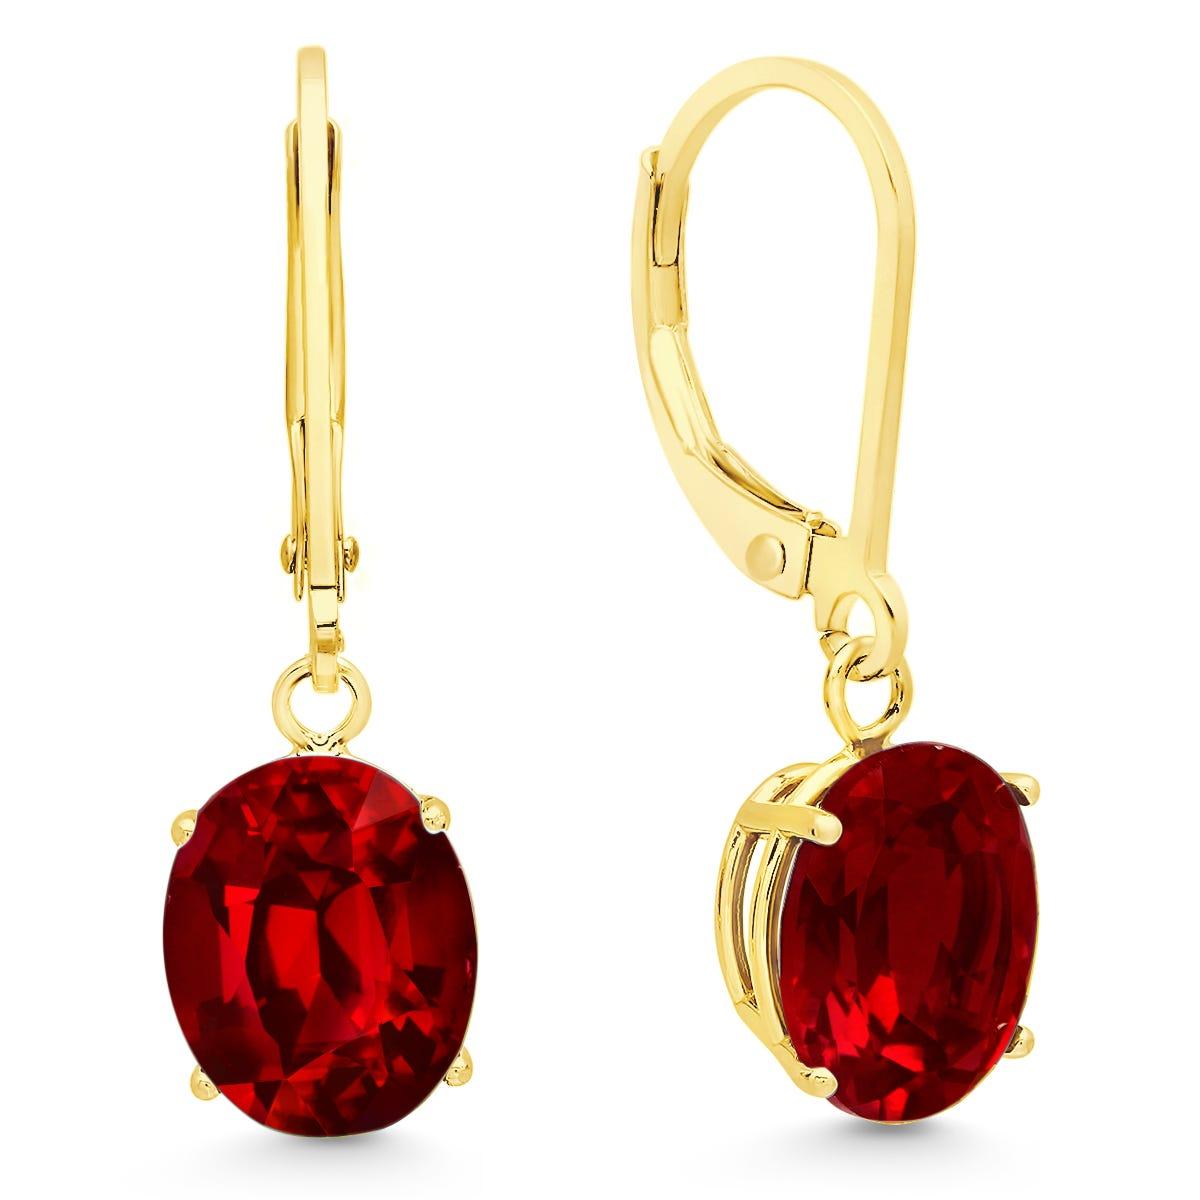 Garnet Oval Dangle Leverback Earrings in 14k Yellow Gold